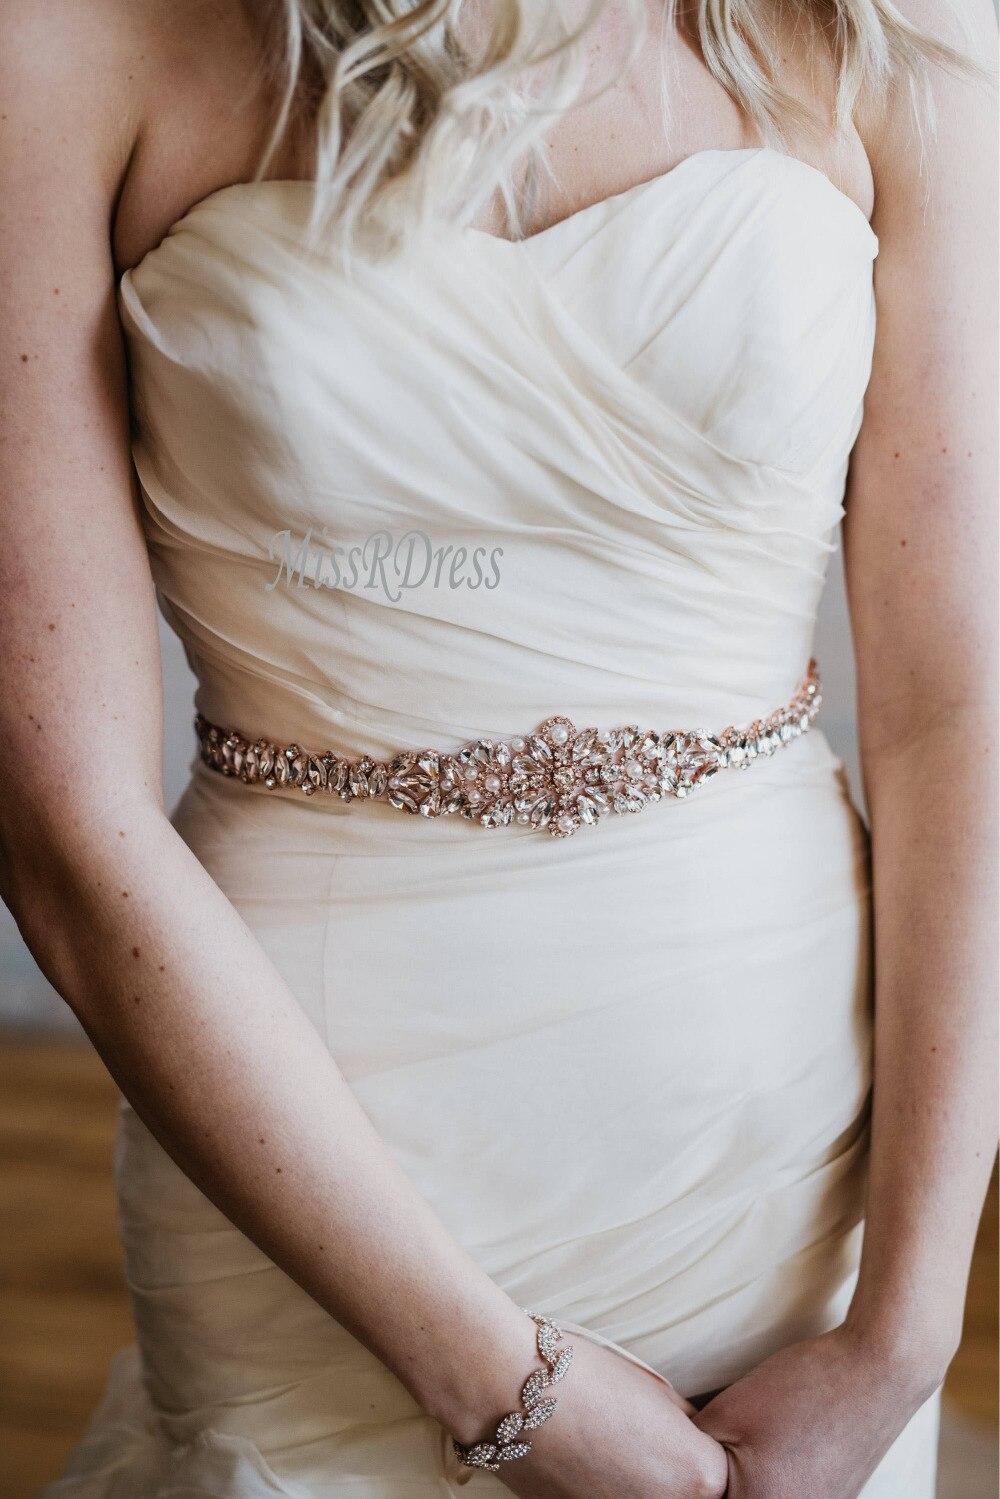 Trouwjurk Riem MissRDress Handgemaakte Avondjurk Riem Strass Sjerp - Bruiloft accessoires